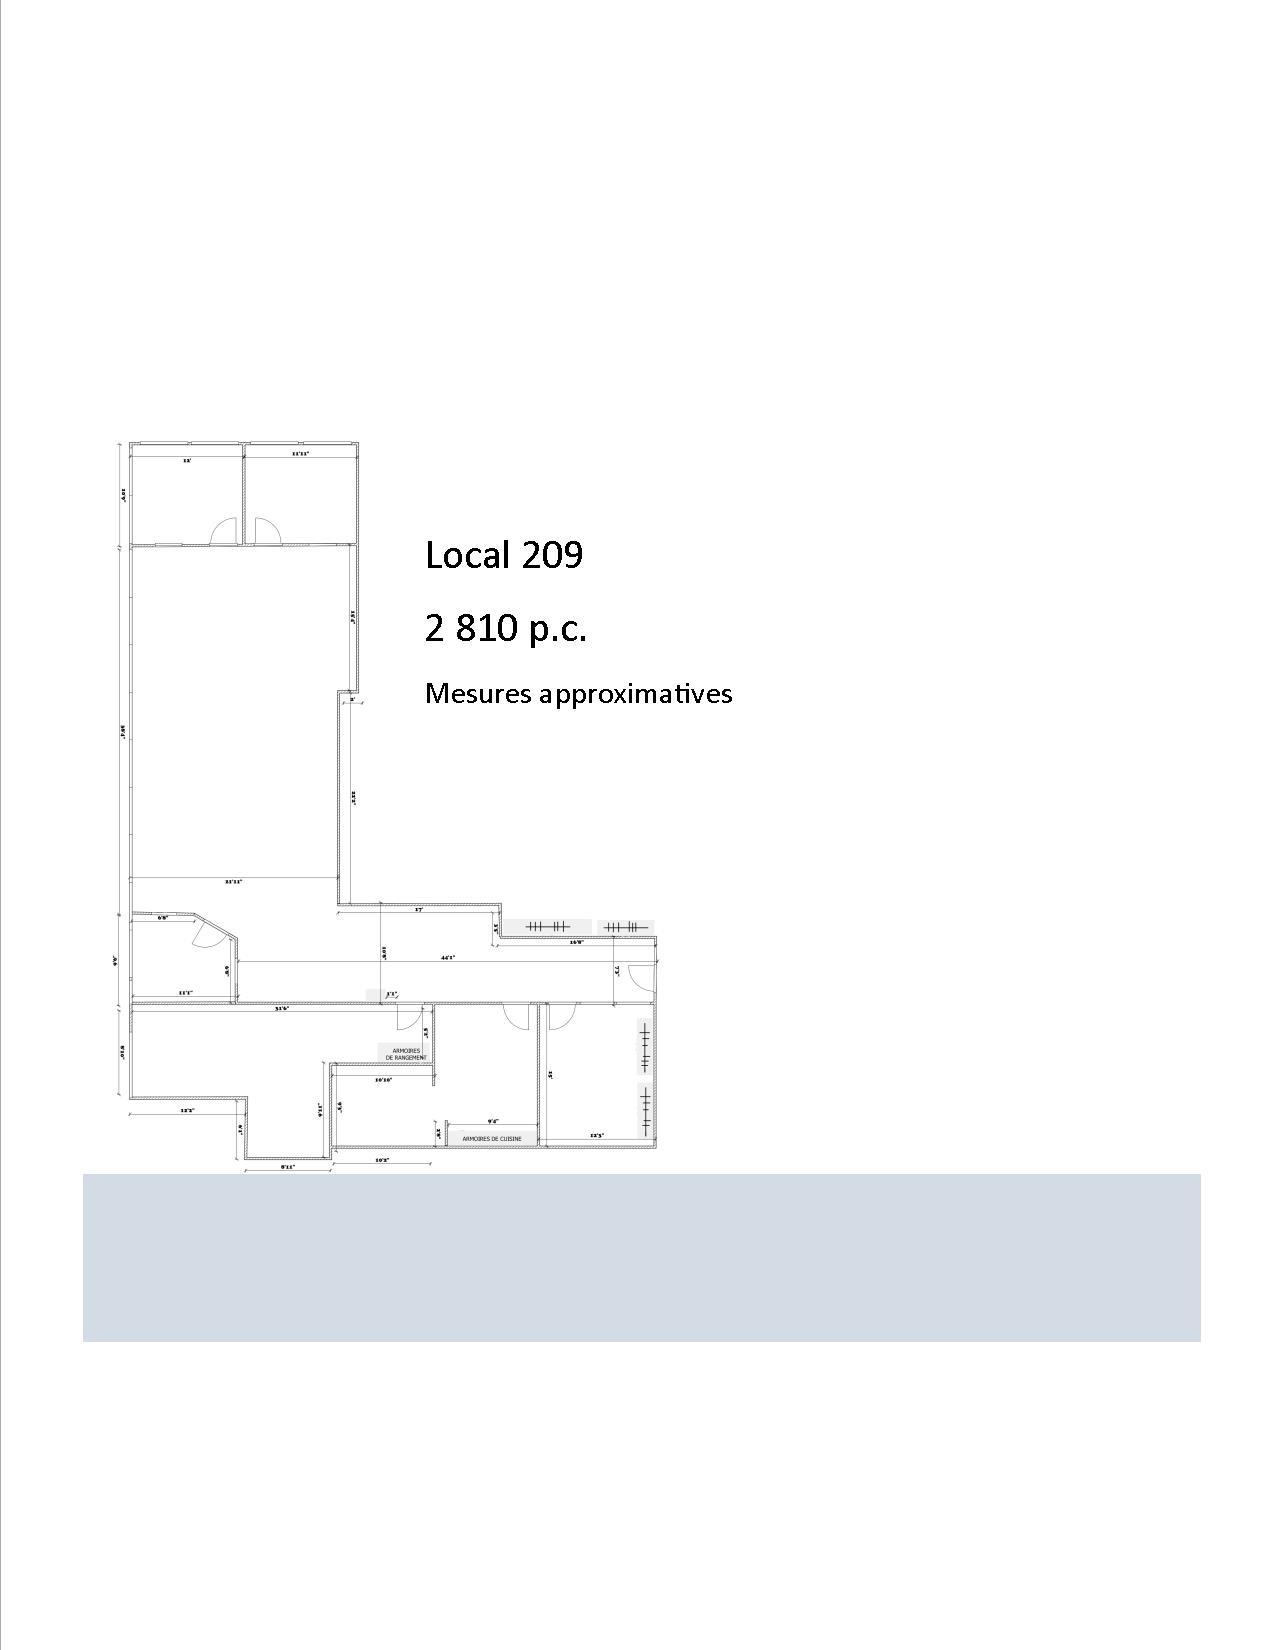 7777, boul. Guillaume-Couture, 2 810 à 8 700 p.c. - Immeubles Simard